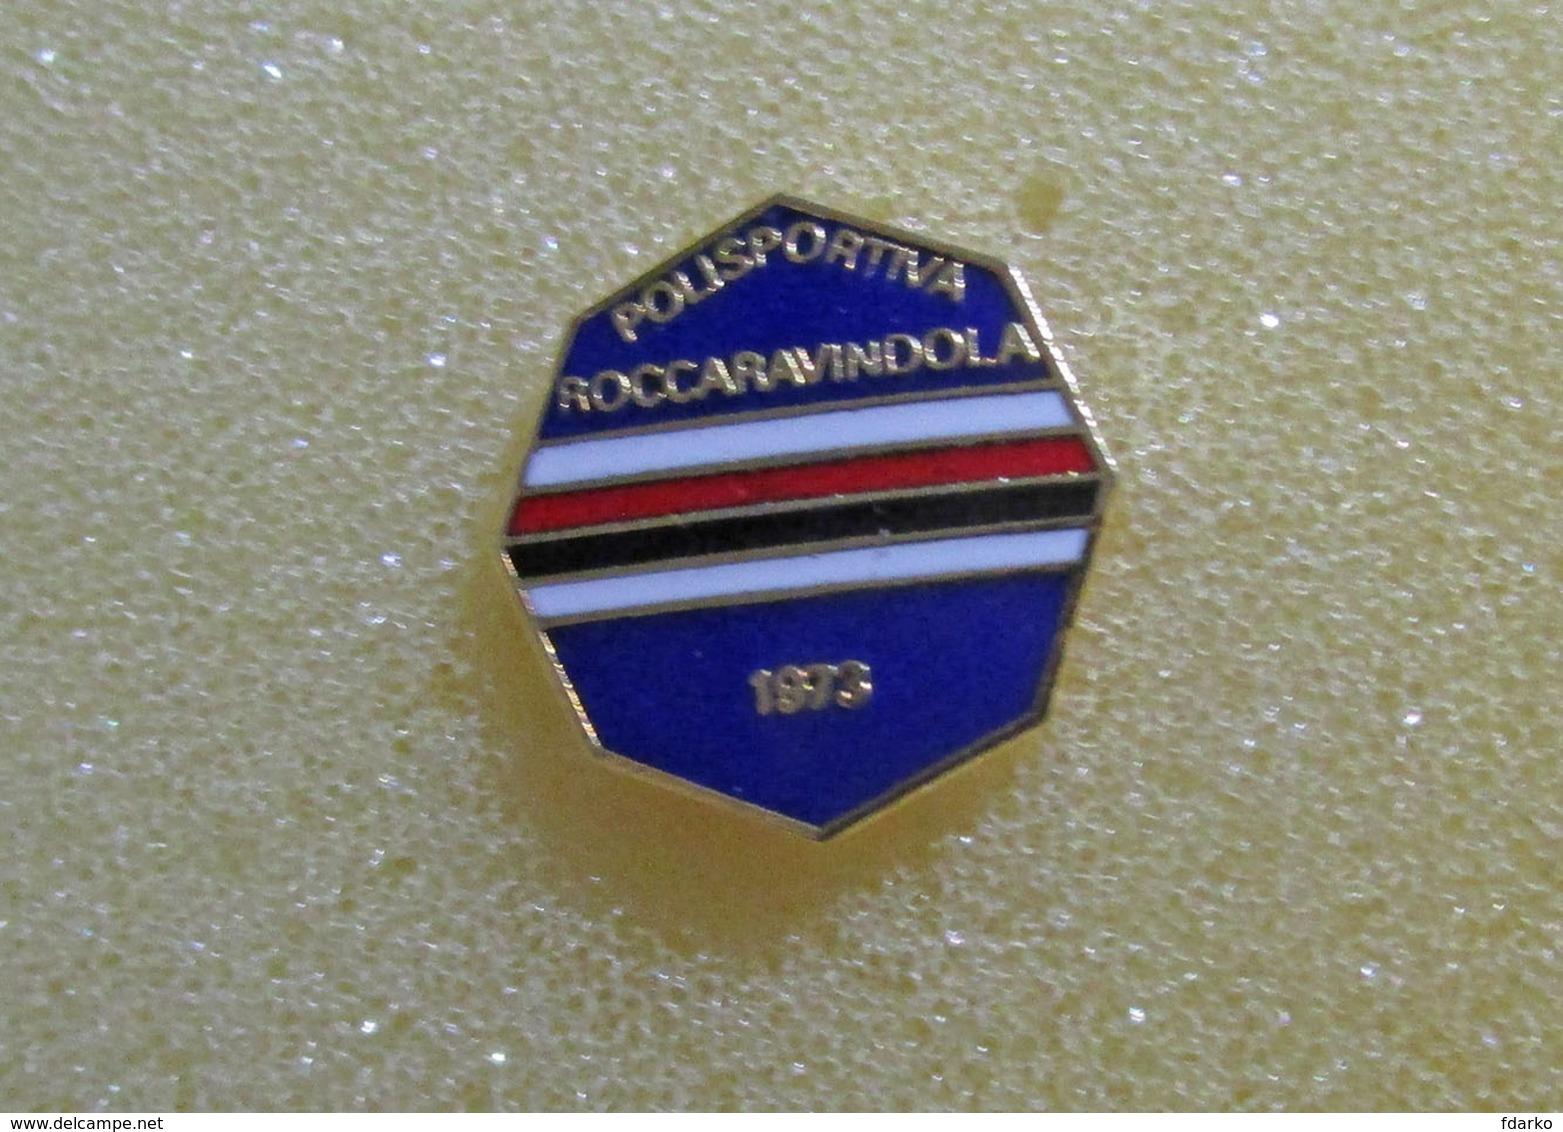 Pol. Roccaravindola Calcio Distintivi FootBall Soccer Pin Spilla Isernia Pins Molise - Calcio